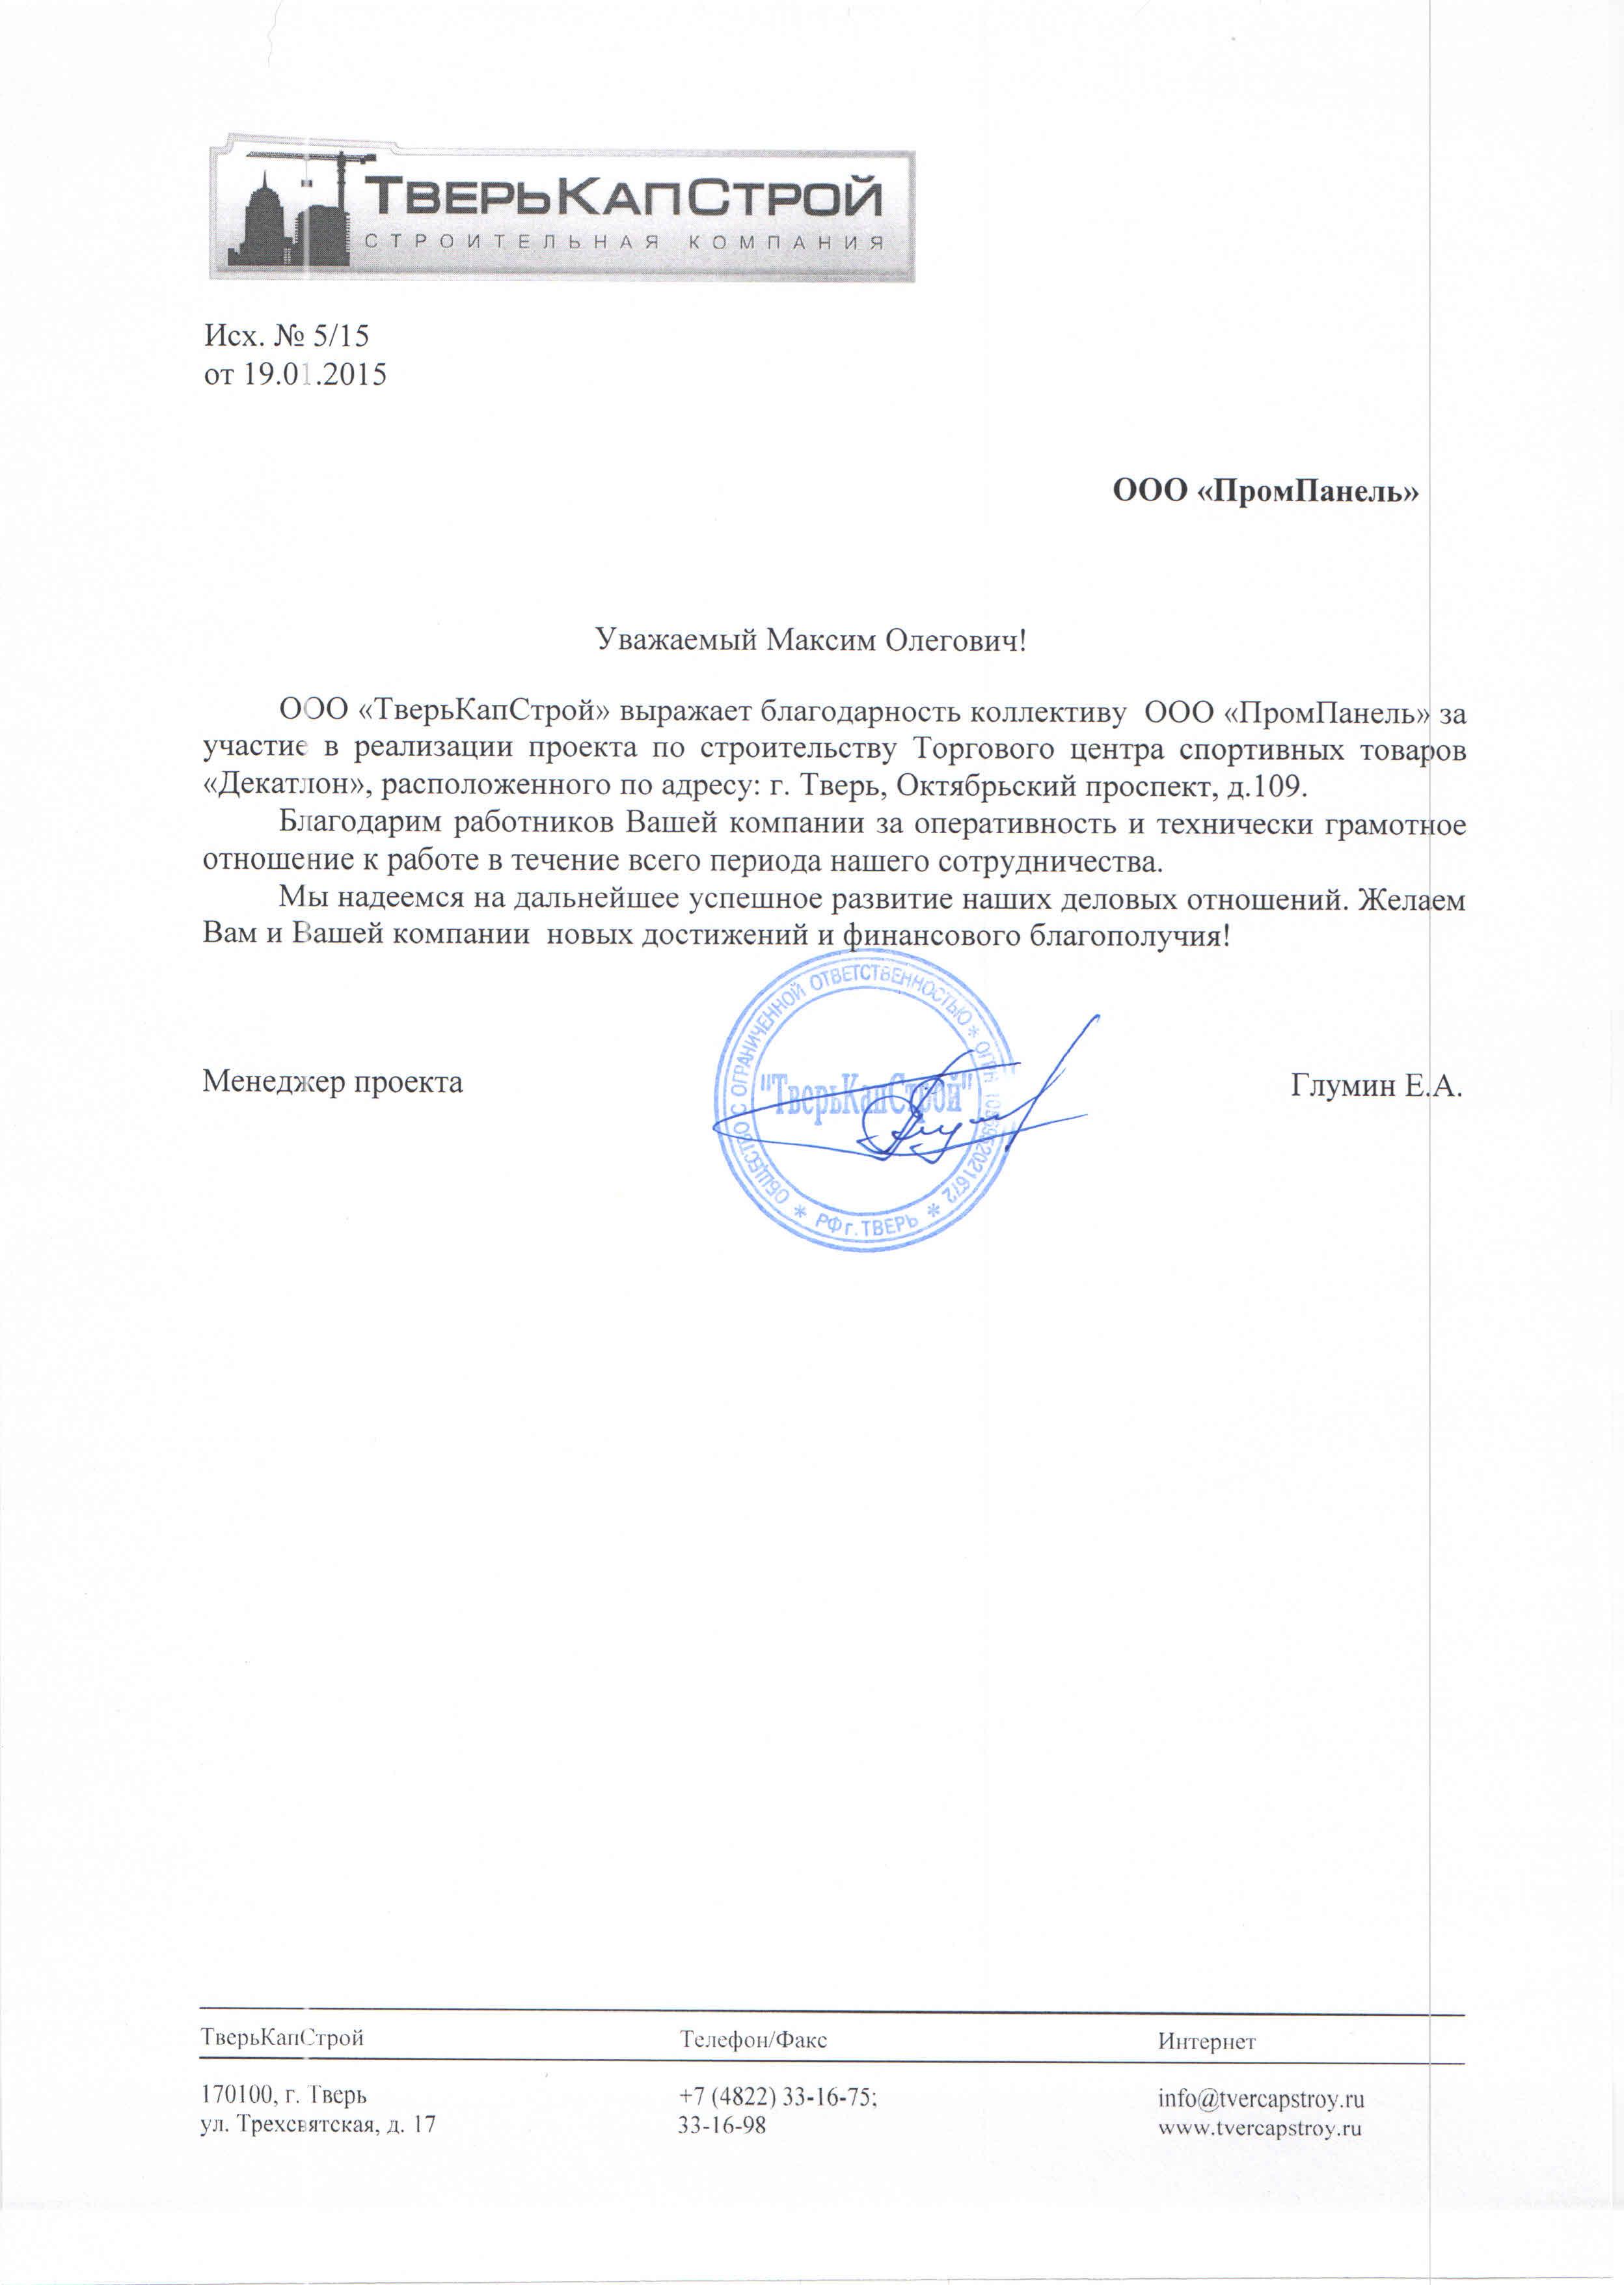 Письмо от ТверьКапСтрой по Декатлону